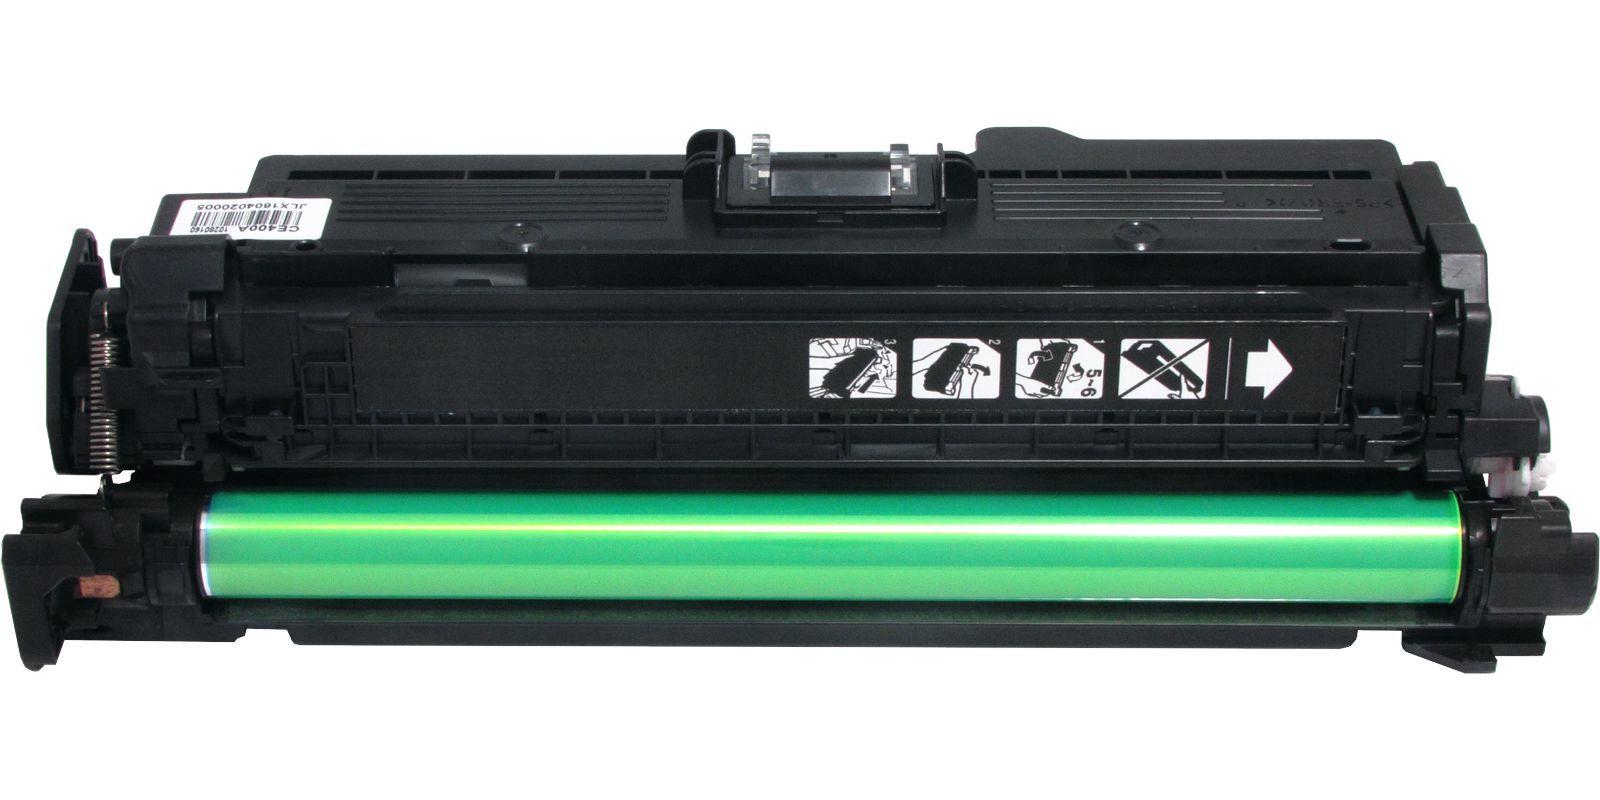 Картридж лазерный цветной MAK© 507A CE402A желтый (yellow), до 6000 стр.